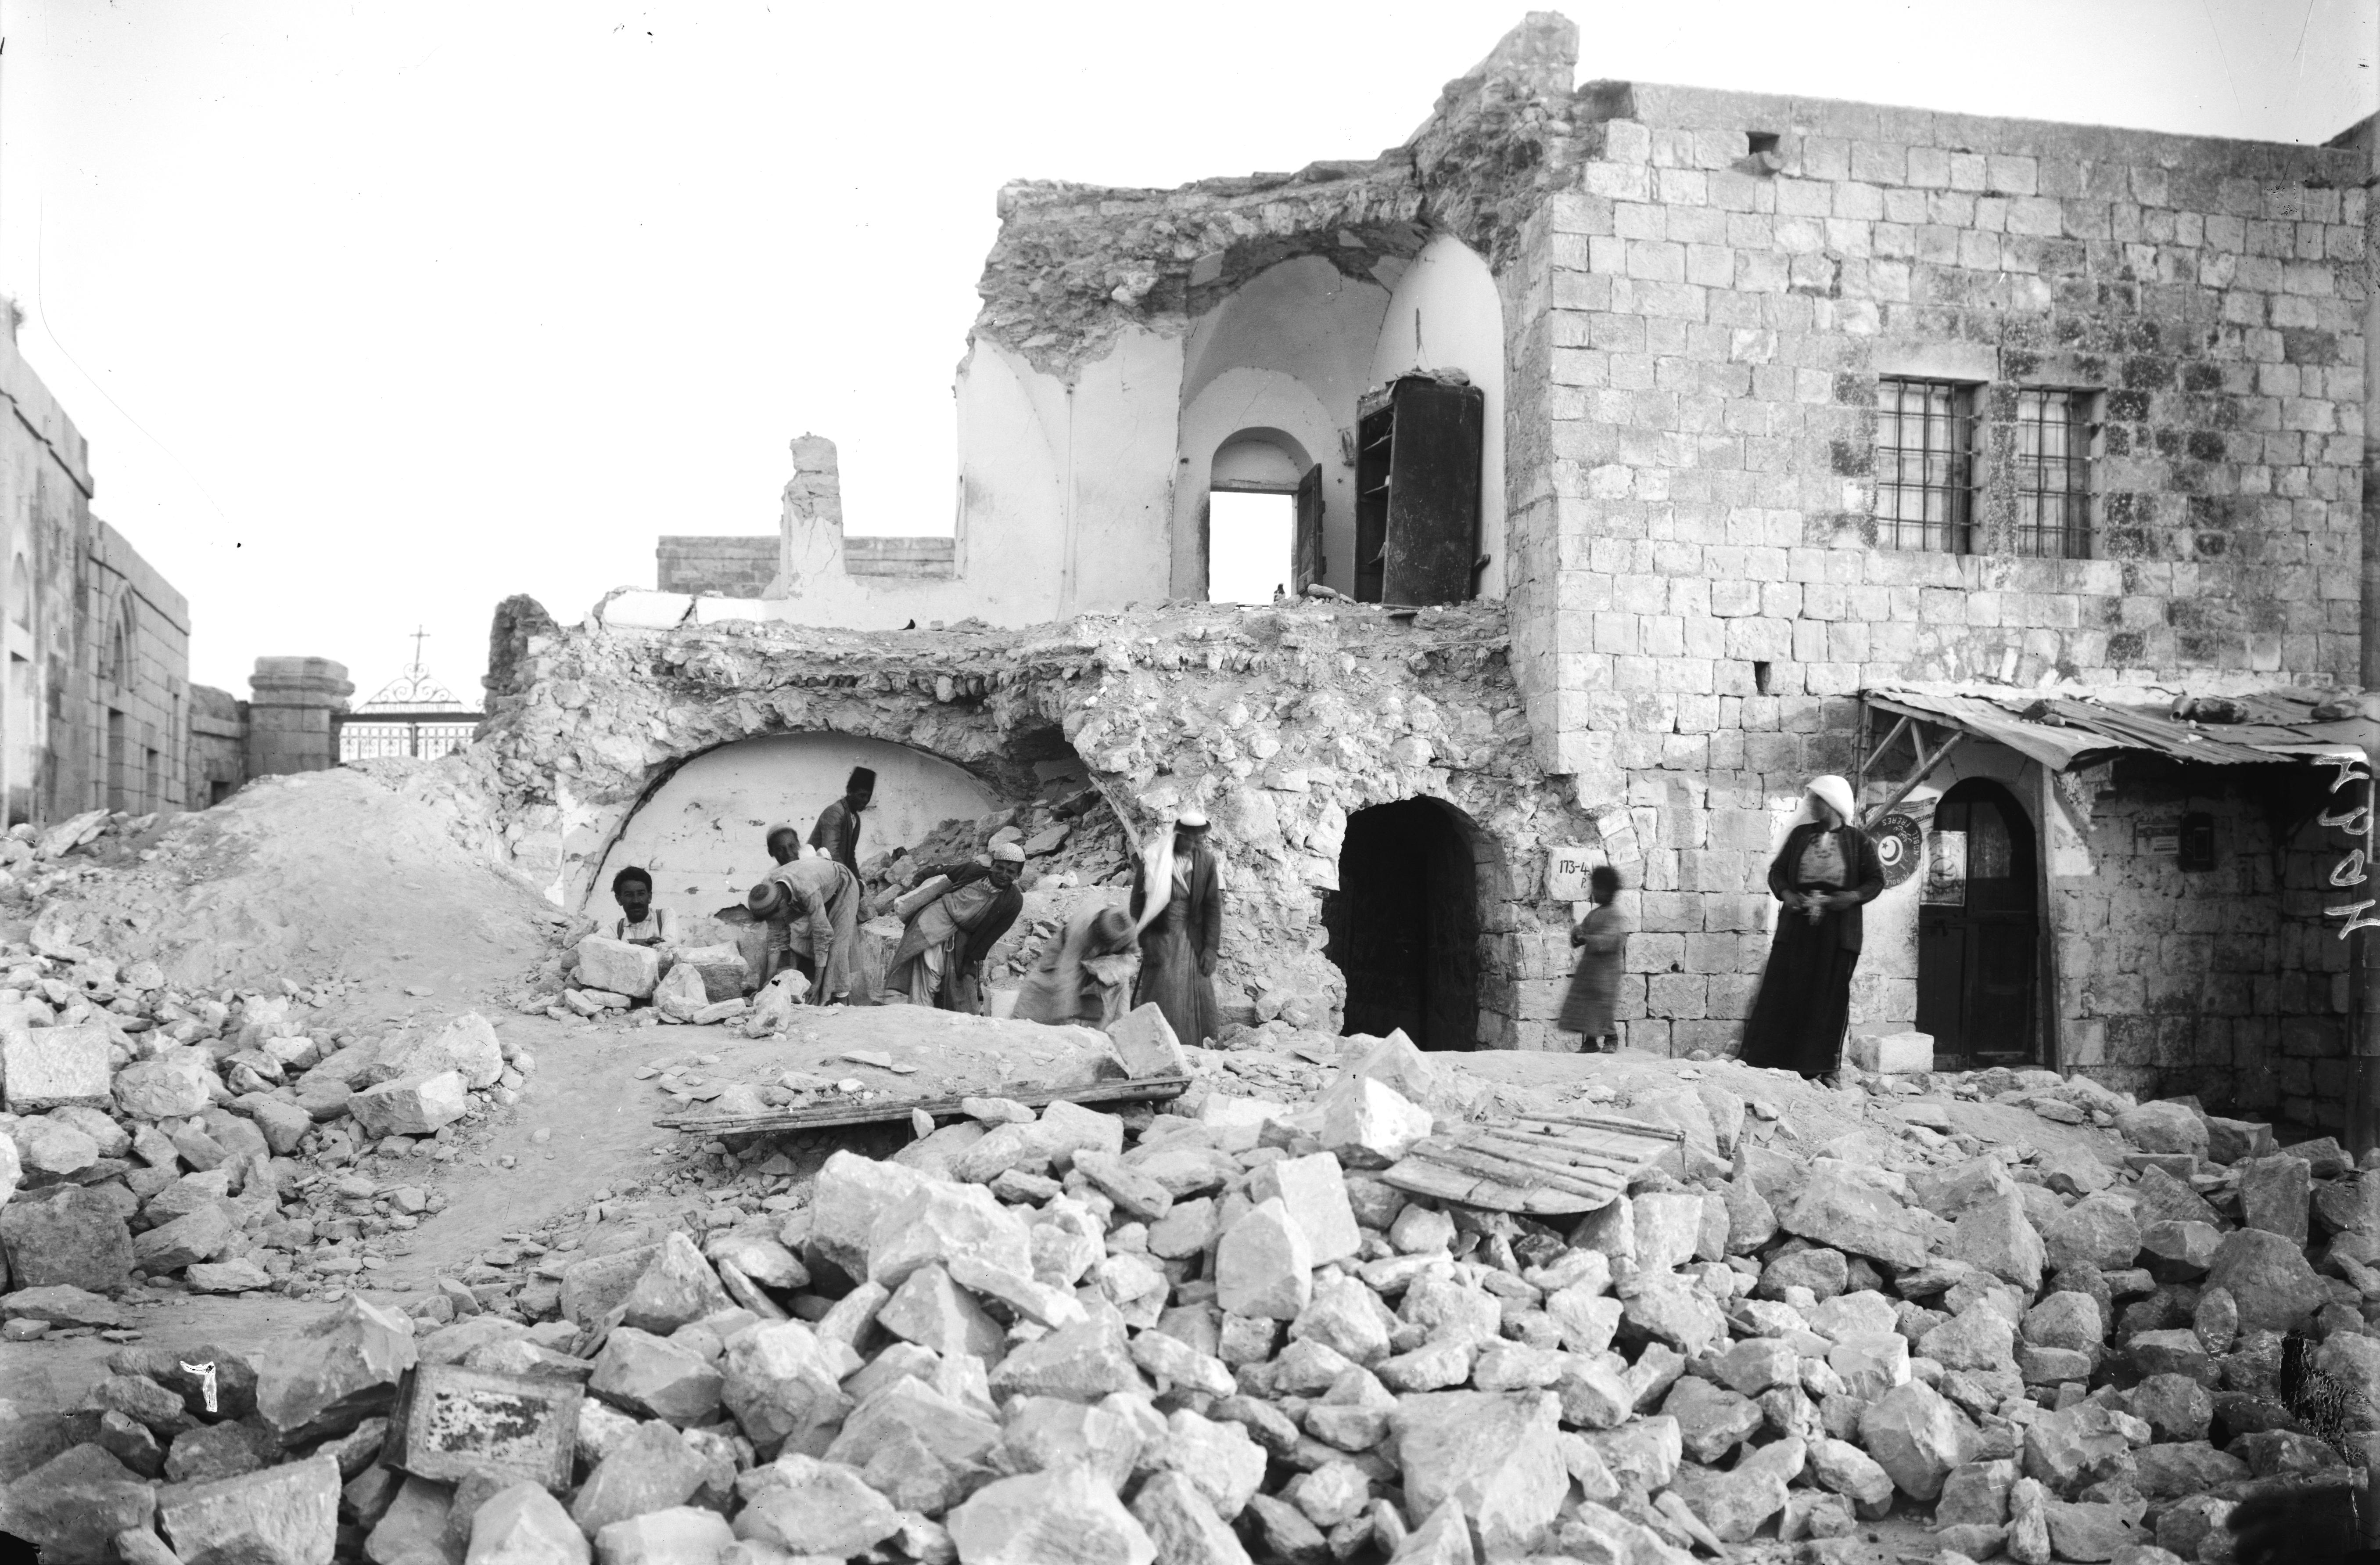 רעידת אדמה בישראל: File:1927 Earthquake OliveMount.jpg